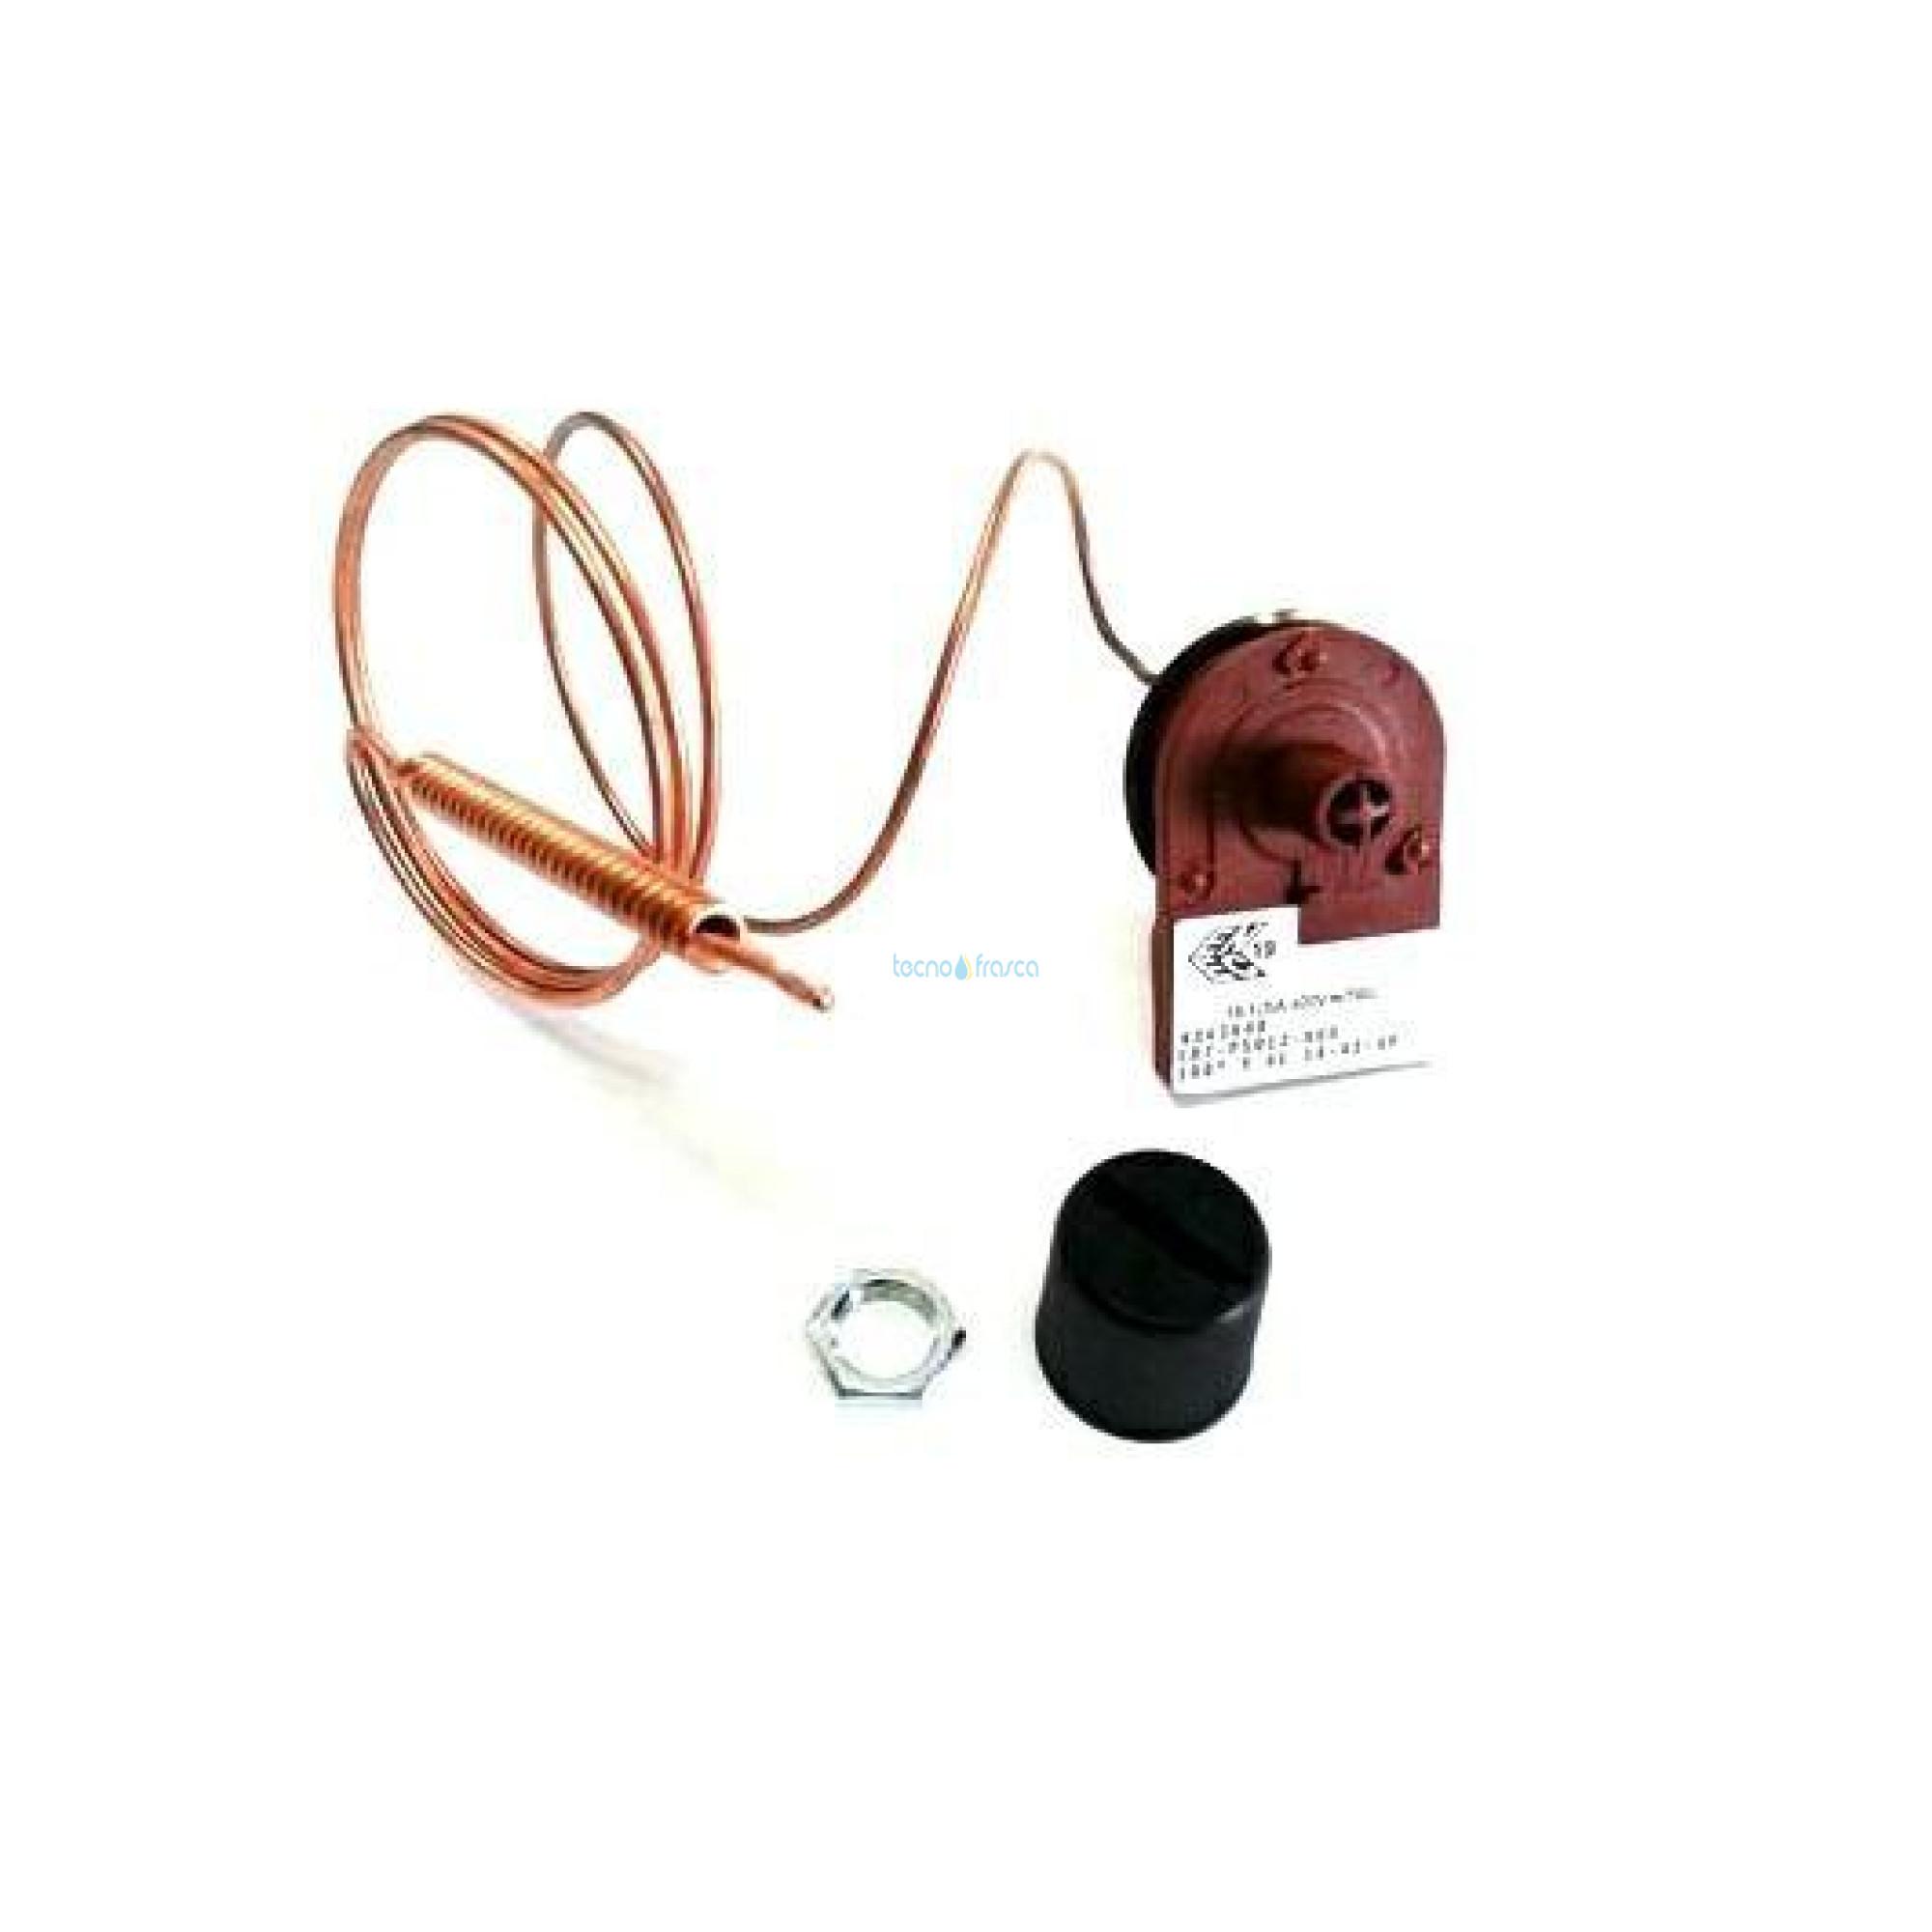 Beretta termostato limite r3409